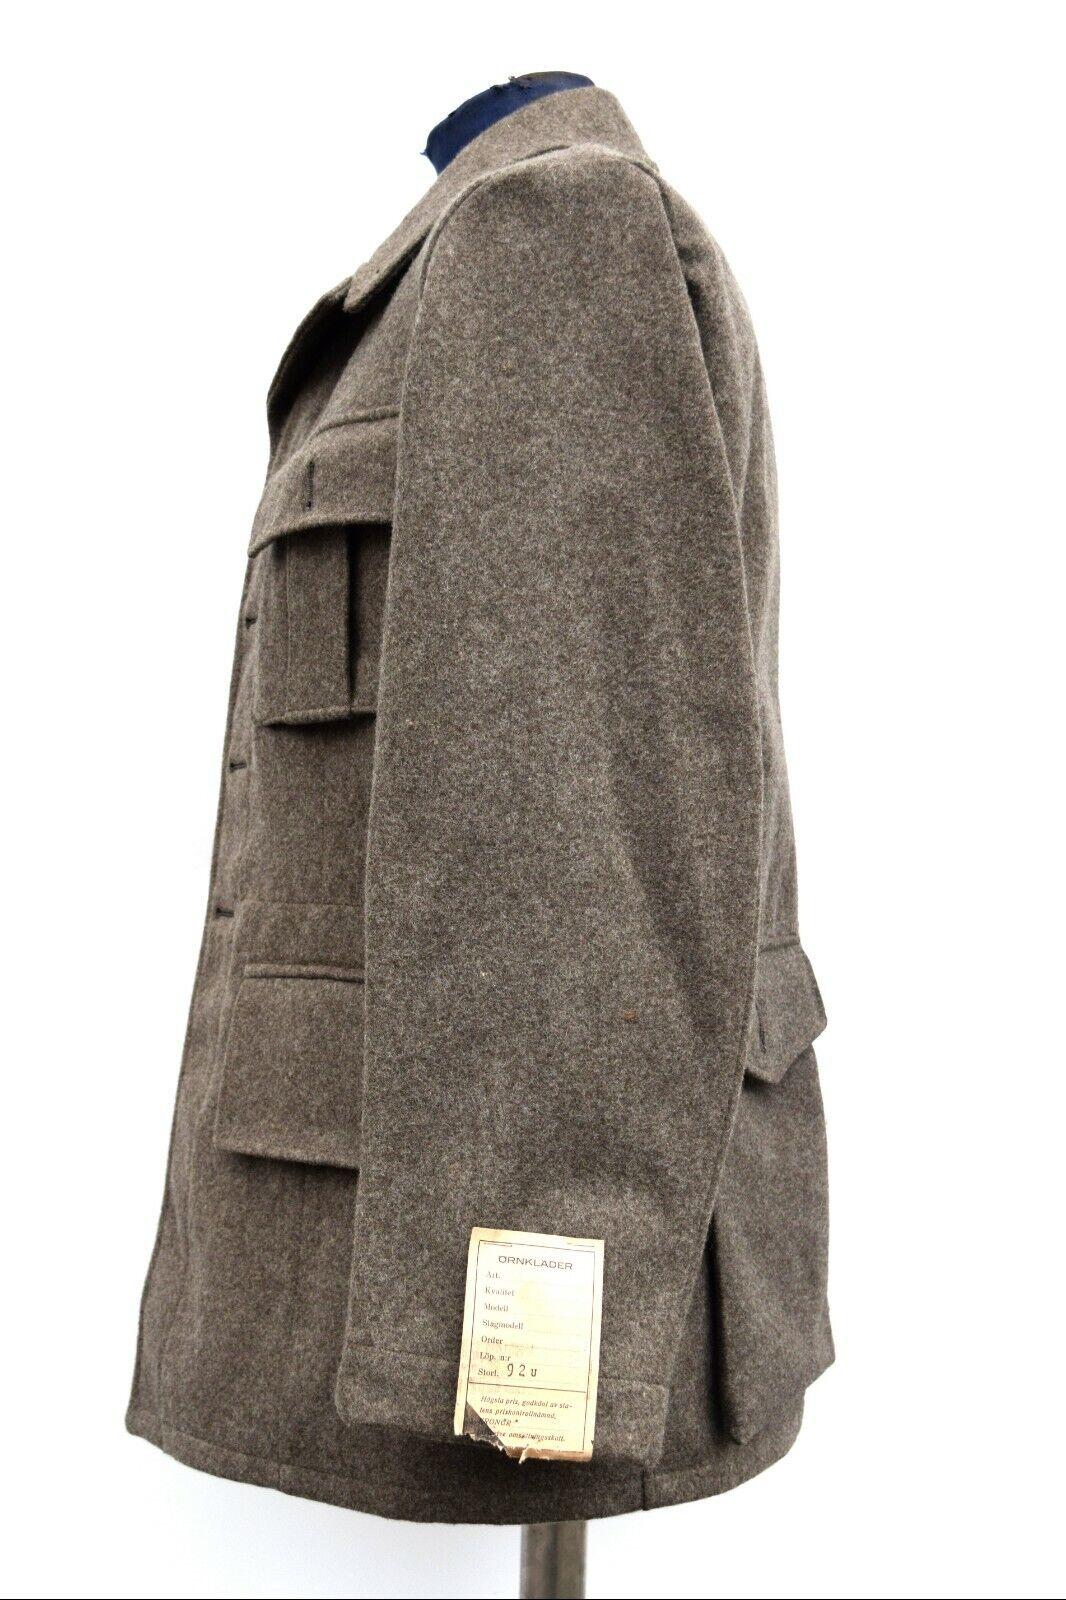 Vintage Vintage Vintage Ejército Sueco ajustada de Lana Abrigo Chaqueta Túnica M39 de la Segunda Guerra Mundial. nuevas, 1940 12c4b4